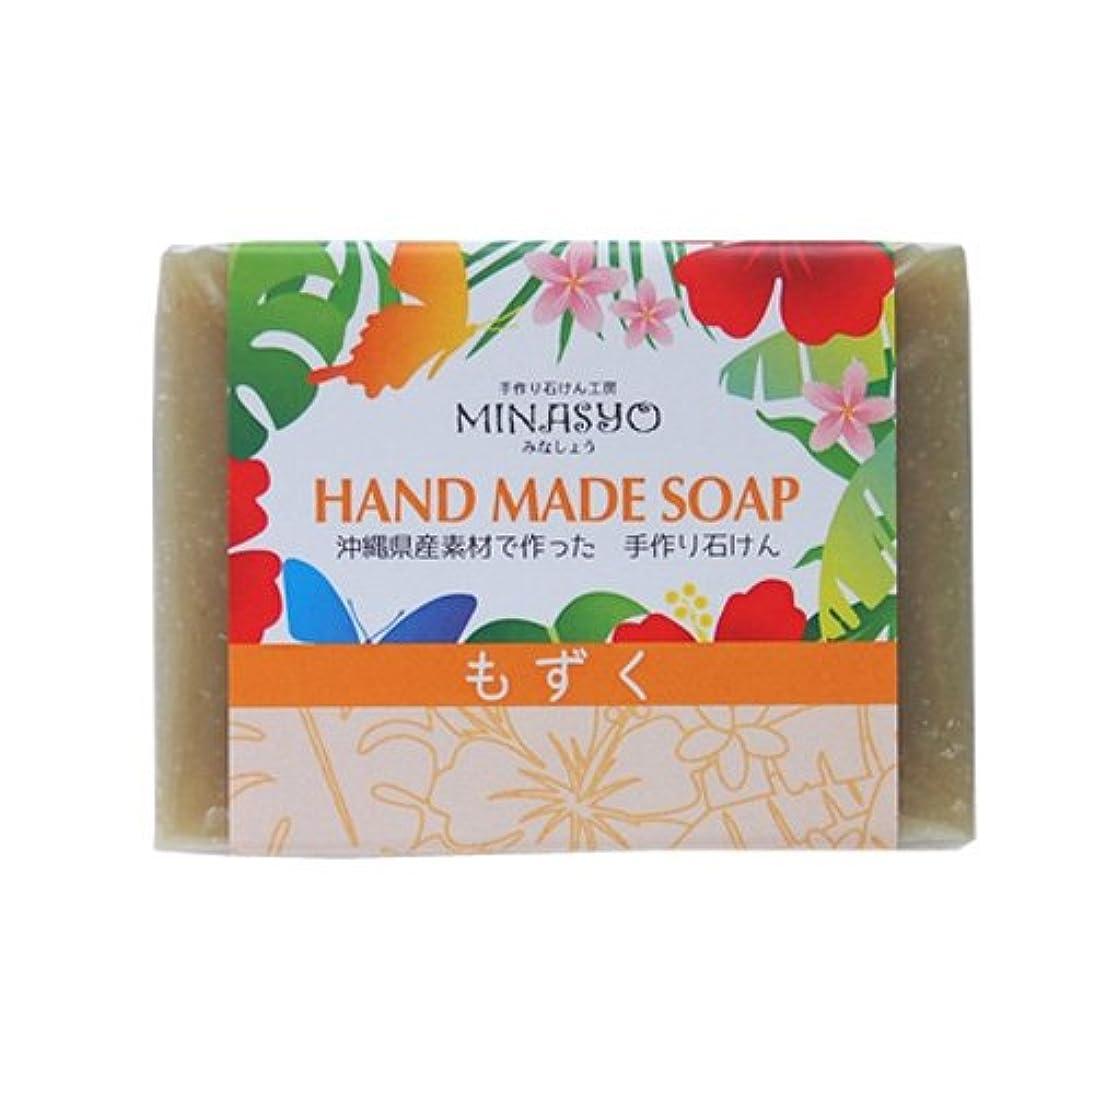 純粋なムスタチオファイナンス洗顔石鹸 固形 無添加 保湿 敏感肌 乾燥肌 手作りもずく石鹸